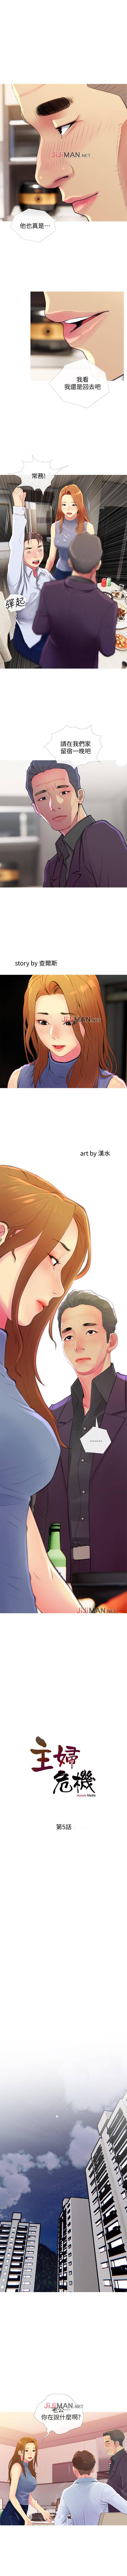 【周五连载】主妇危机(作者:查爾斯&漢水) 第1~26话 29